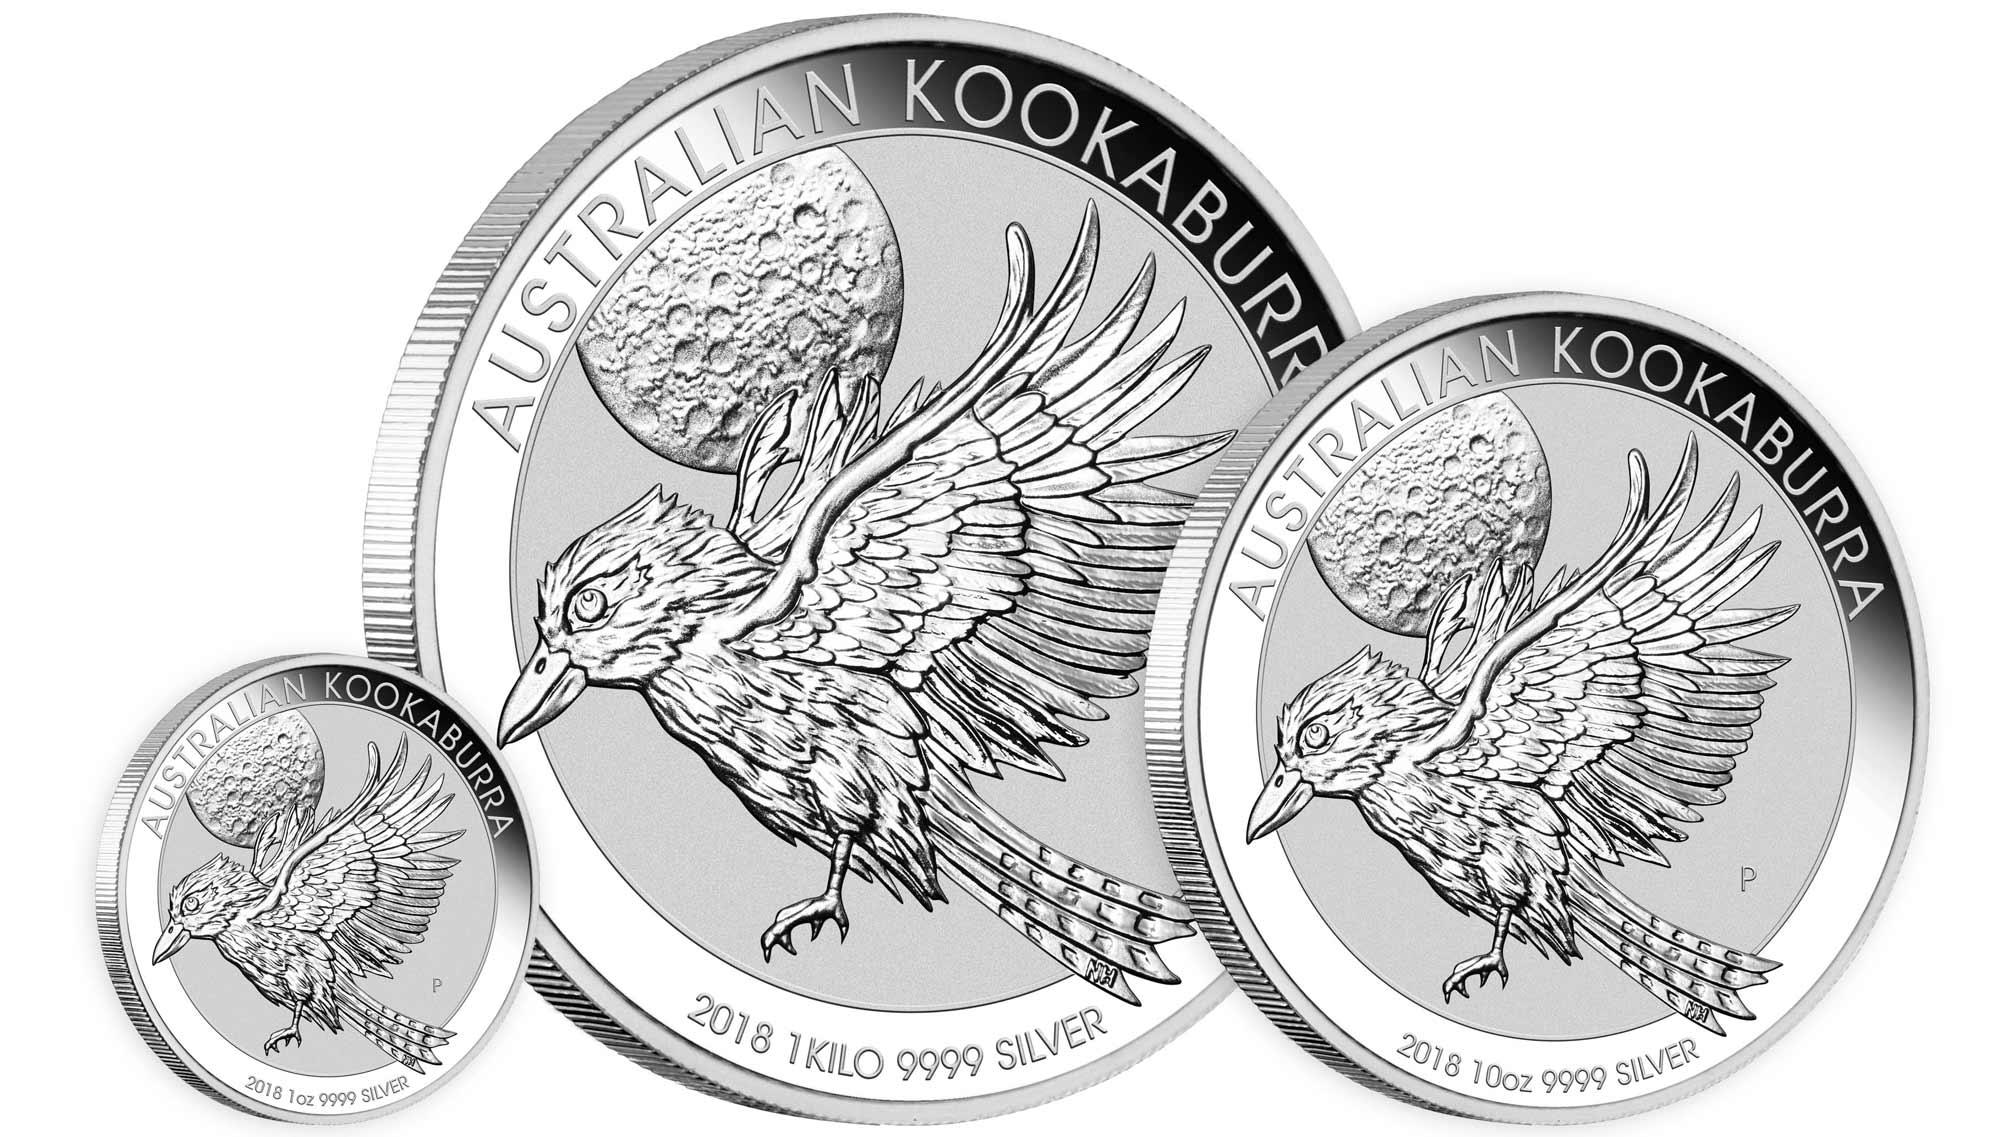 Photo des nouvelles pièces d'argent d'investissement au kookaburra d'Australie 2018